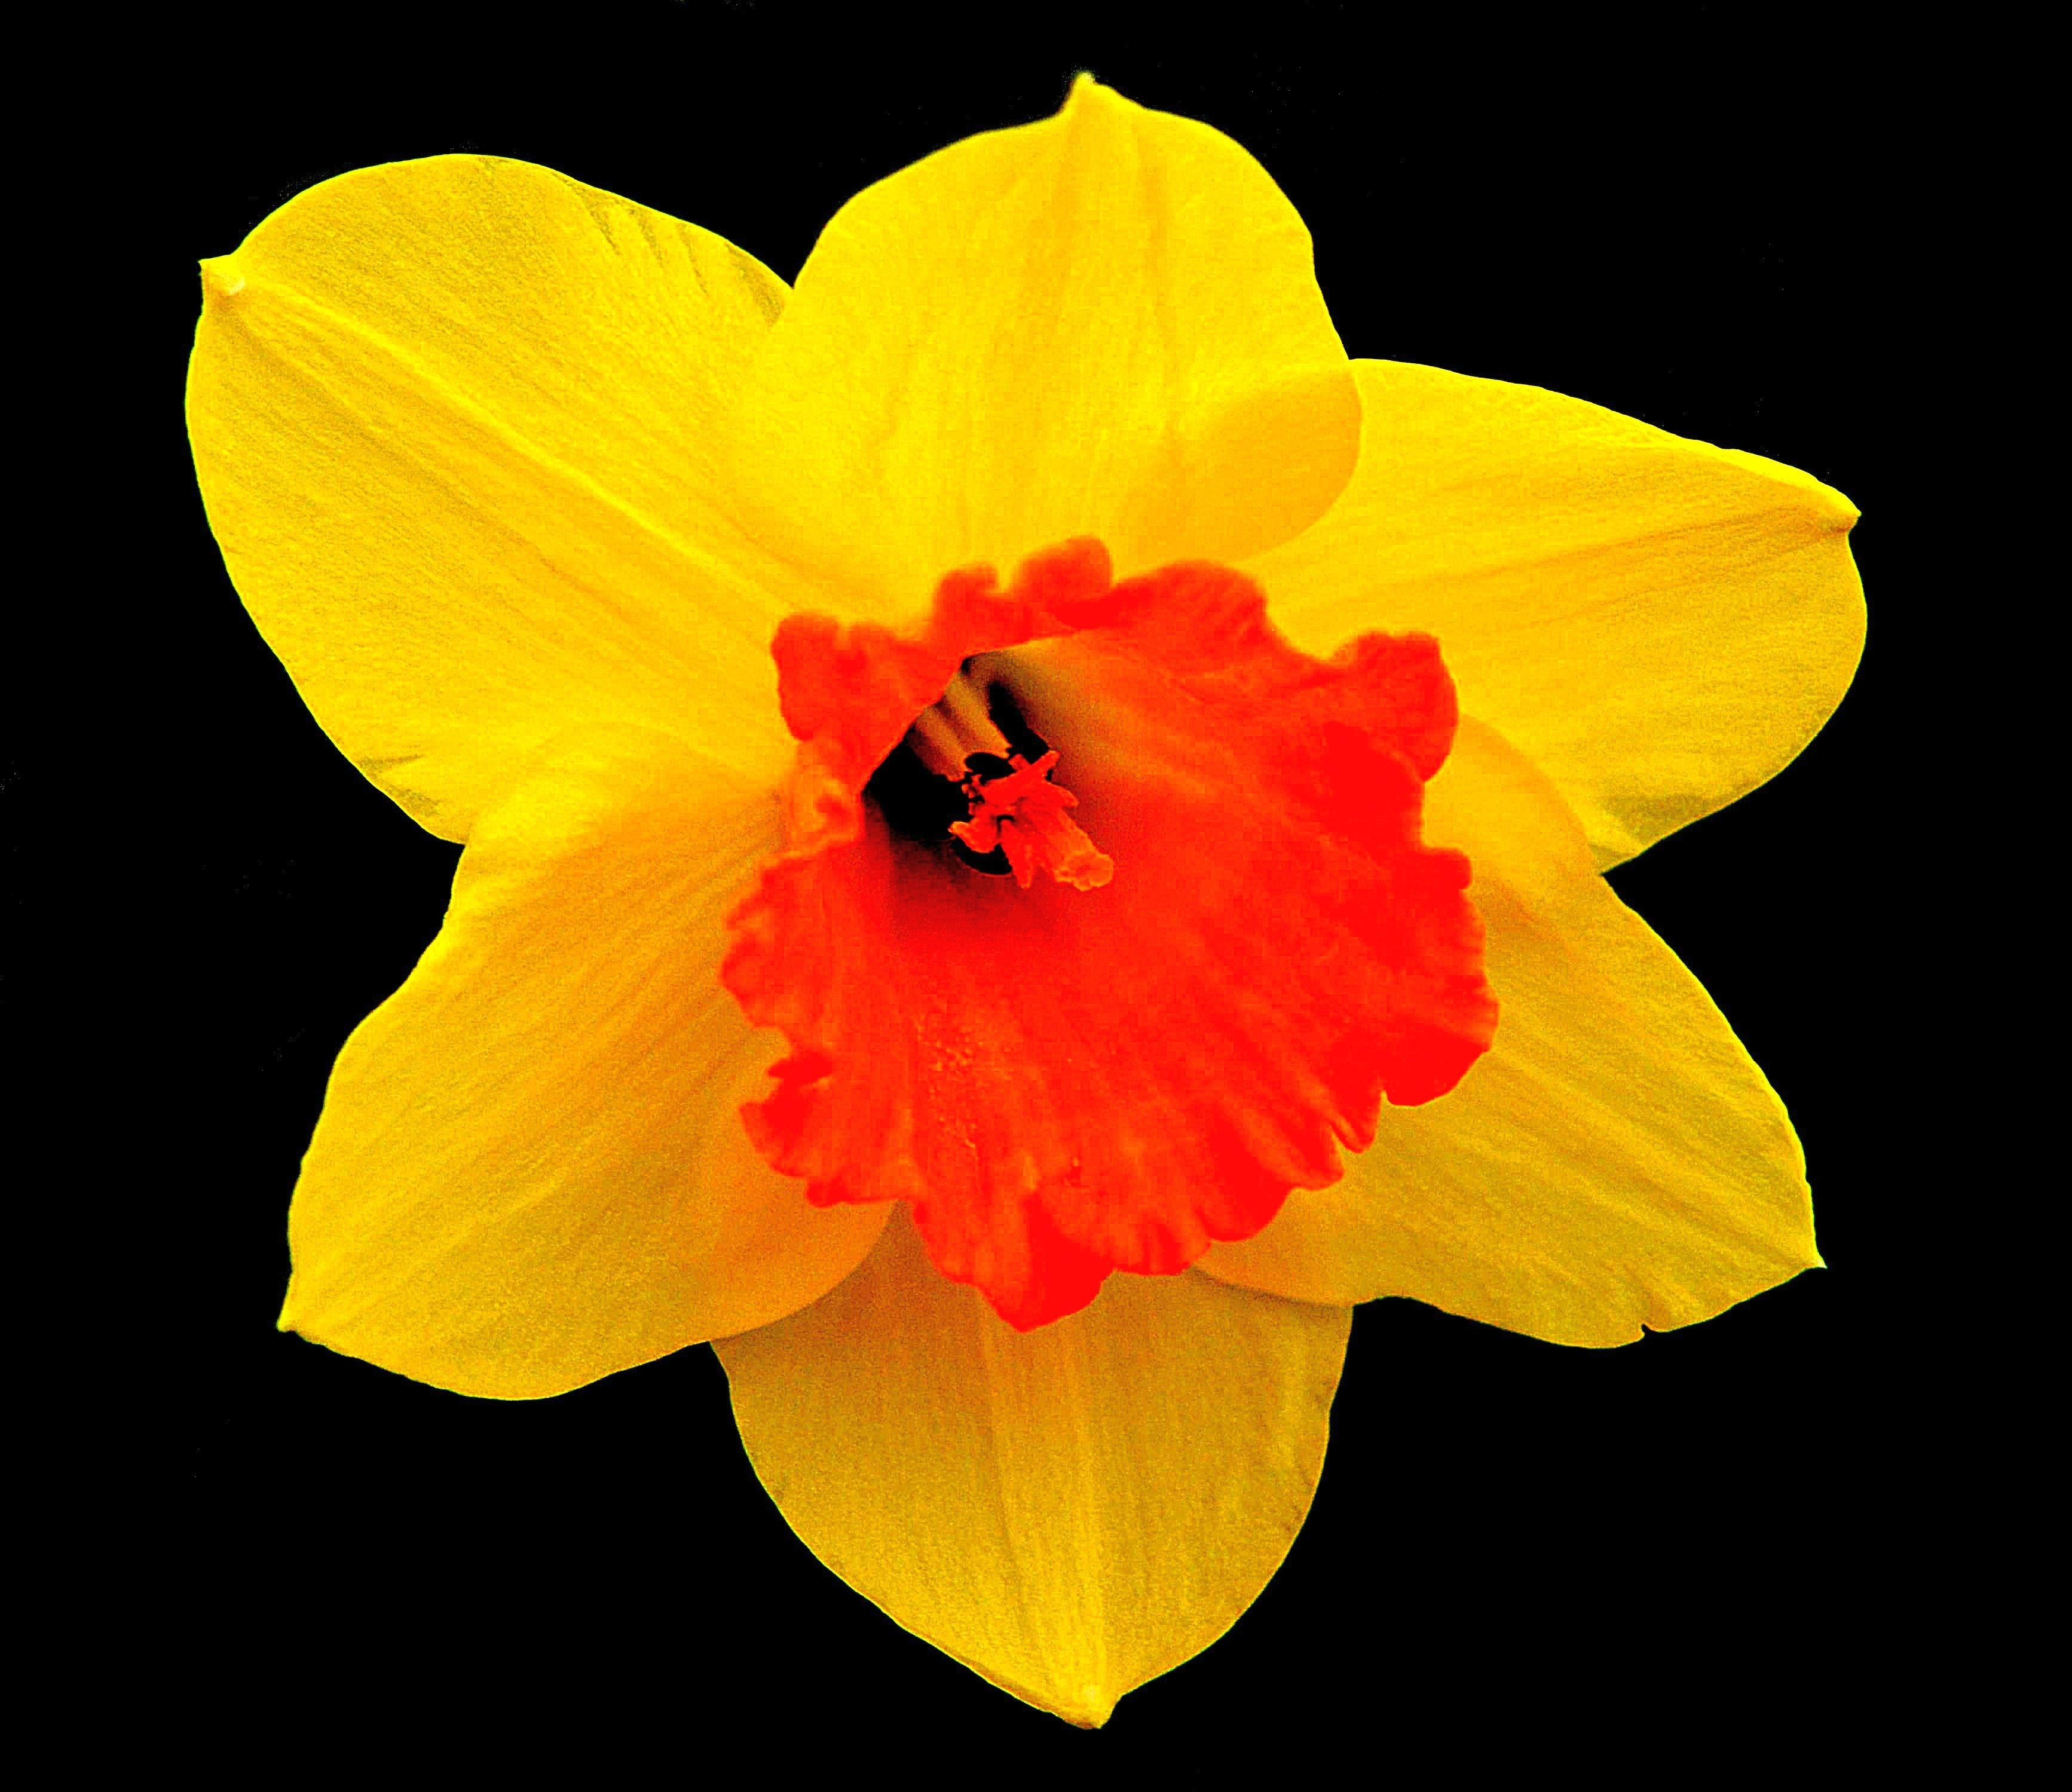 images gratuites fleur p tale floraison printemps jaune jonquille flore narcisse. Black Bedroom Furniture Sets. Home Design Ideas